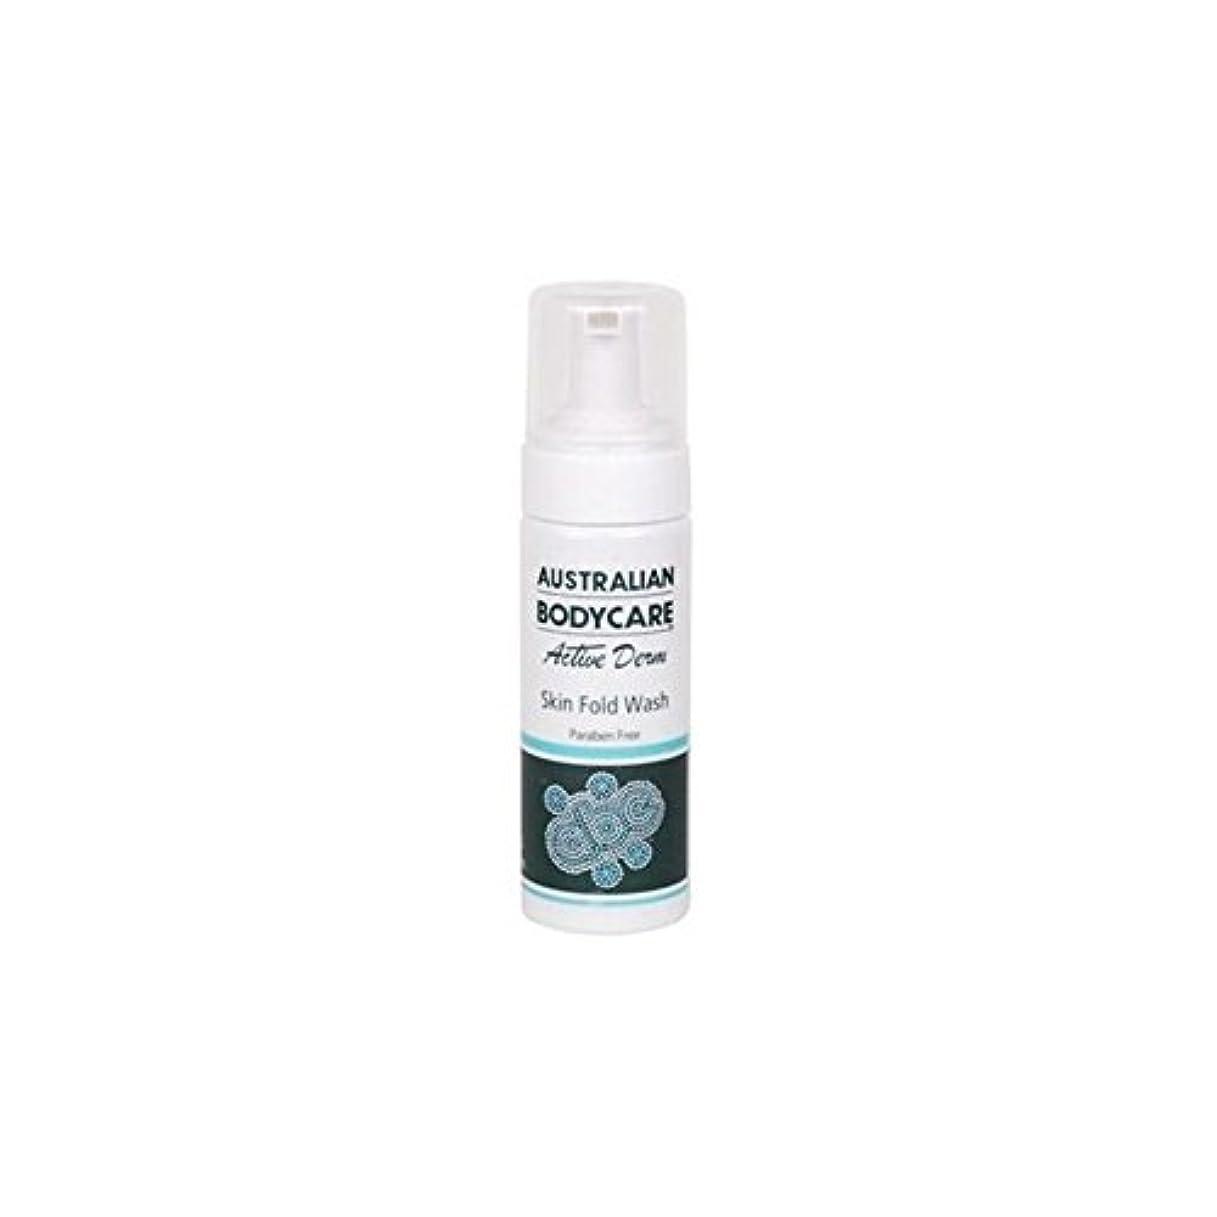 部病的しみAustralian Bodycare Active Derm Skin Fold Wash (150ml) (Pack of 6) - オーストラリアのボディケアアクティブダームの皮膚のひだの洗浄(150ミリリットル)...